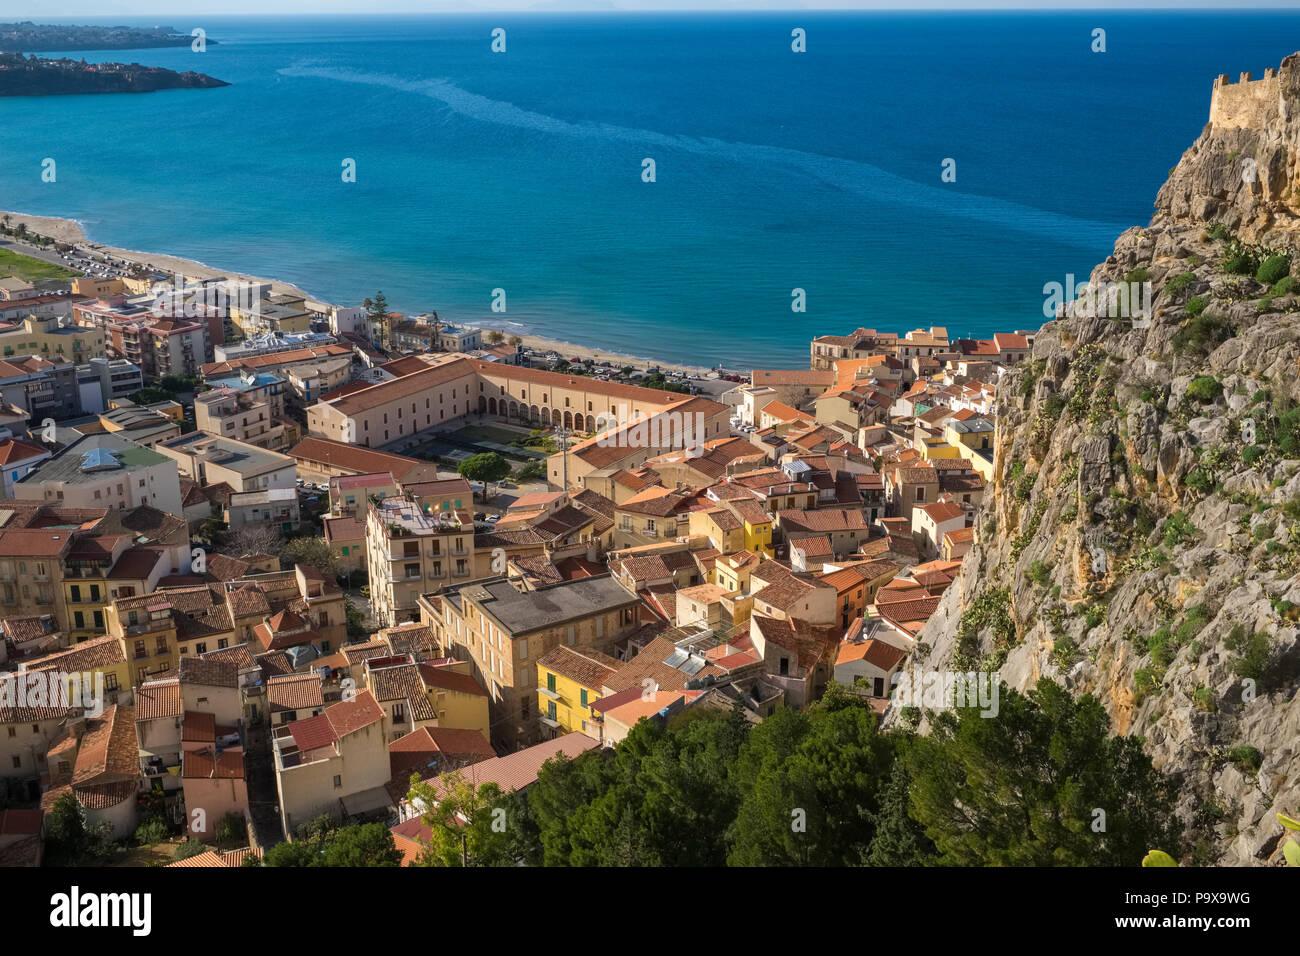 Vista aerea della città e tetti rossi di Cefalu, Sicilia, Italia, Europa Immagini Stock